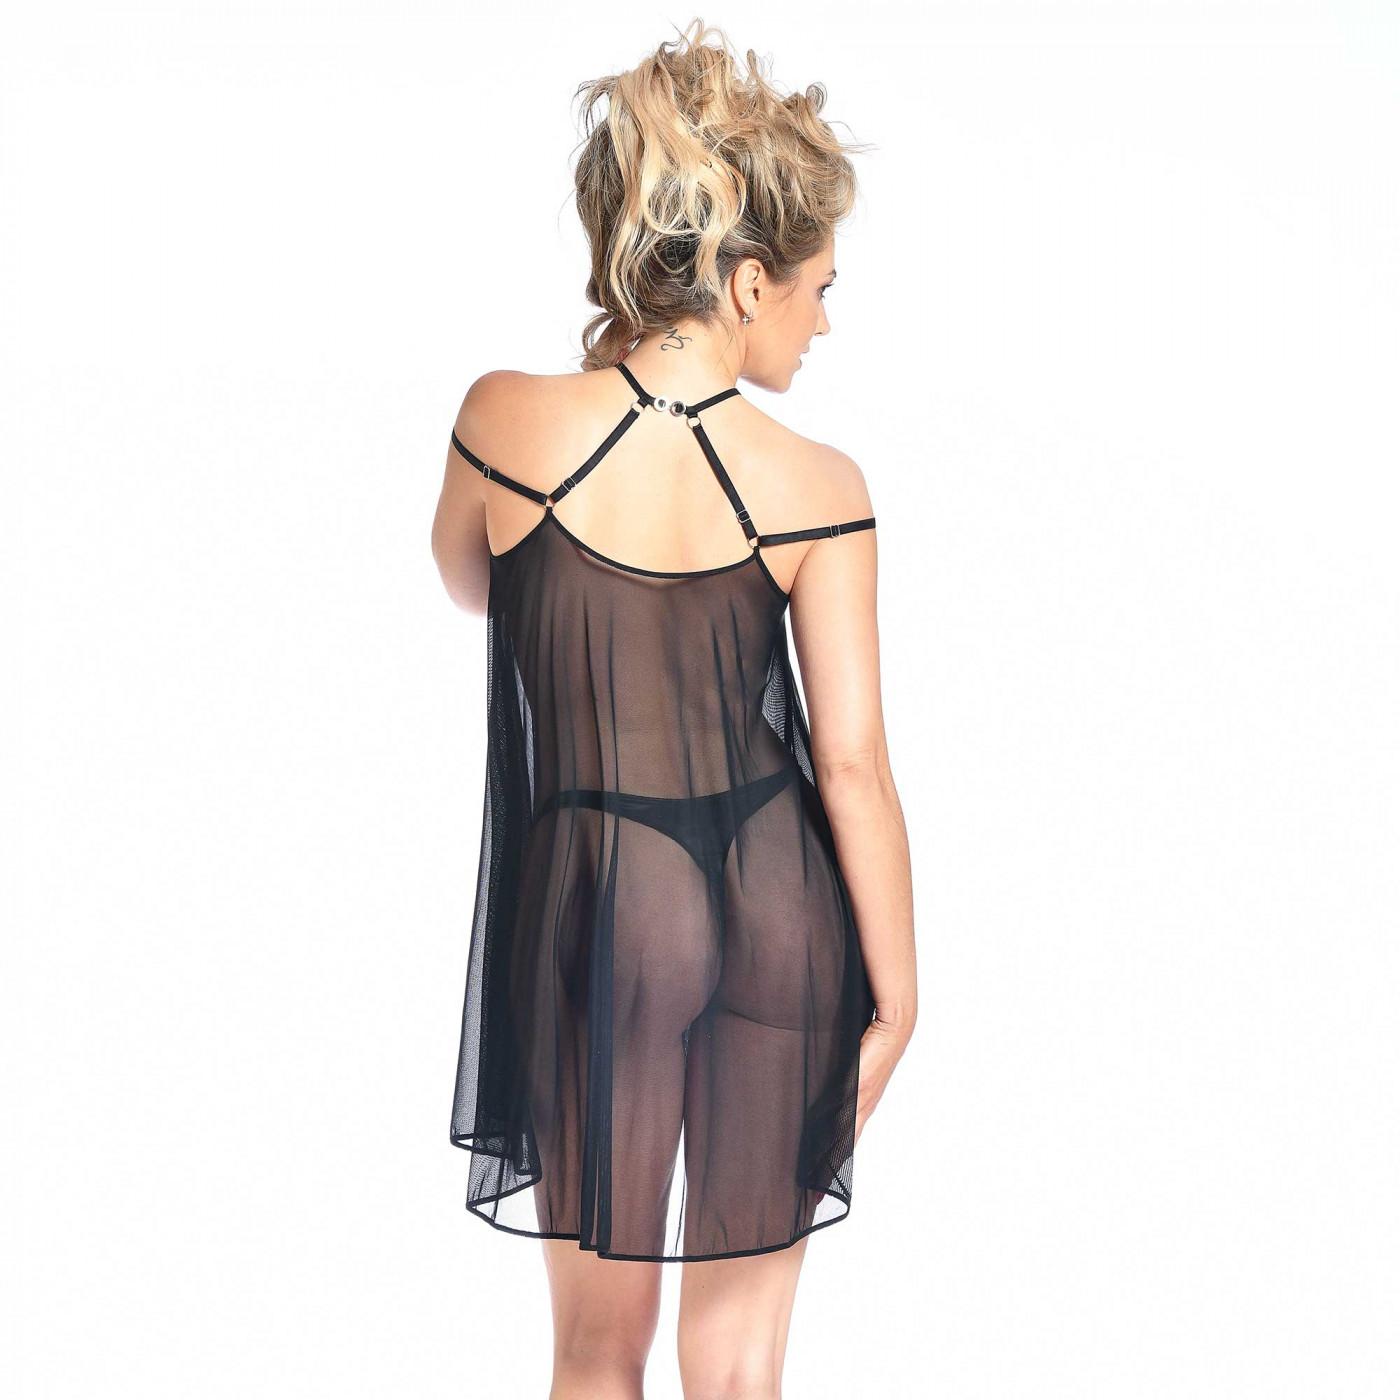 Belladonna, robe en résille noire - Patrice Catanzaro